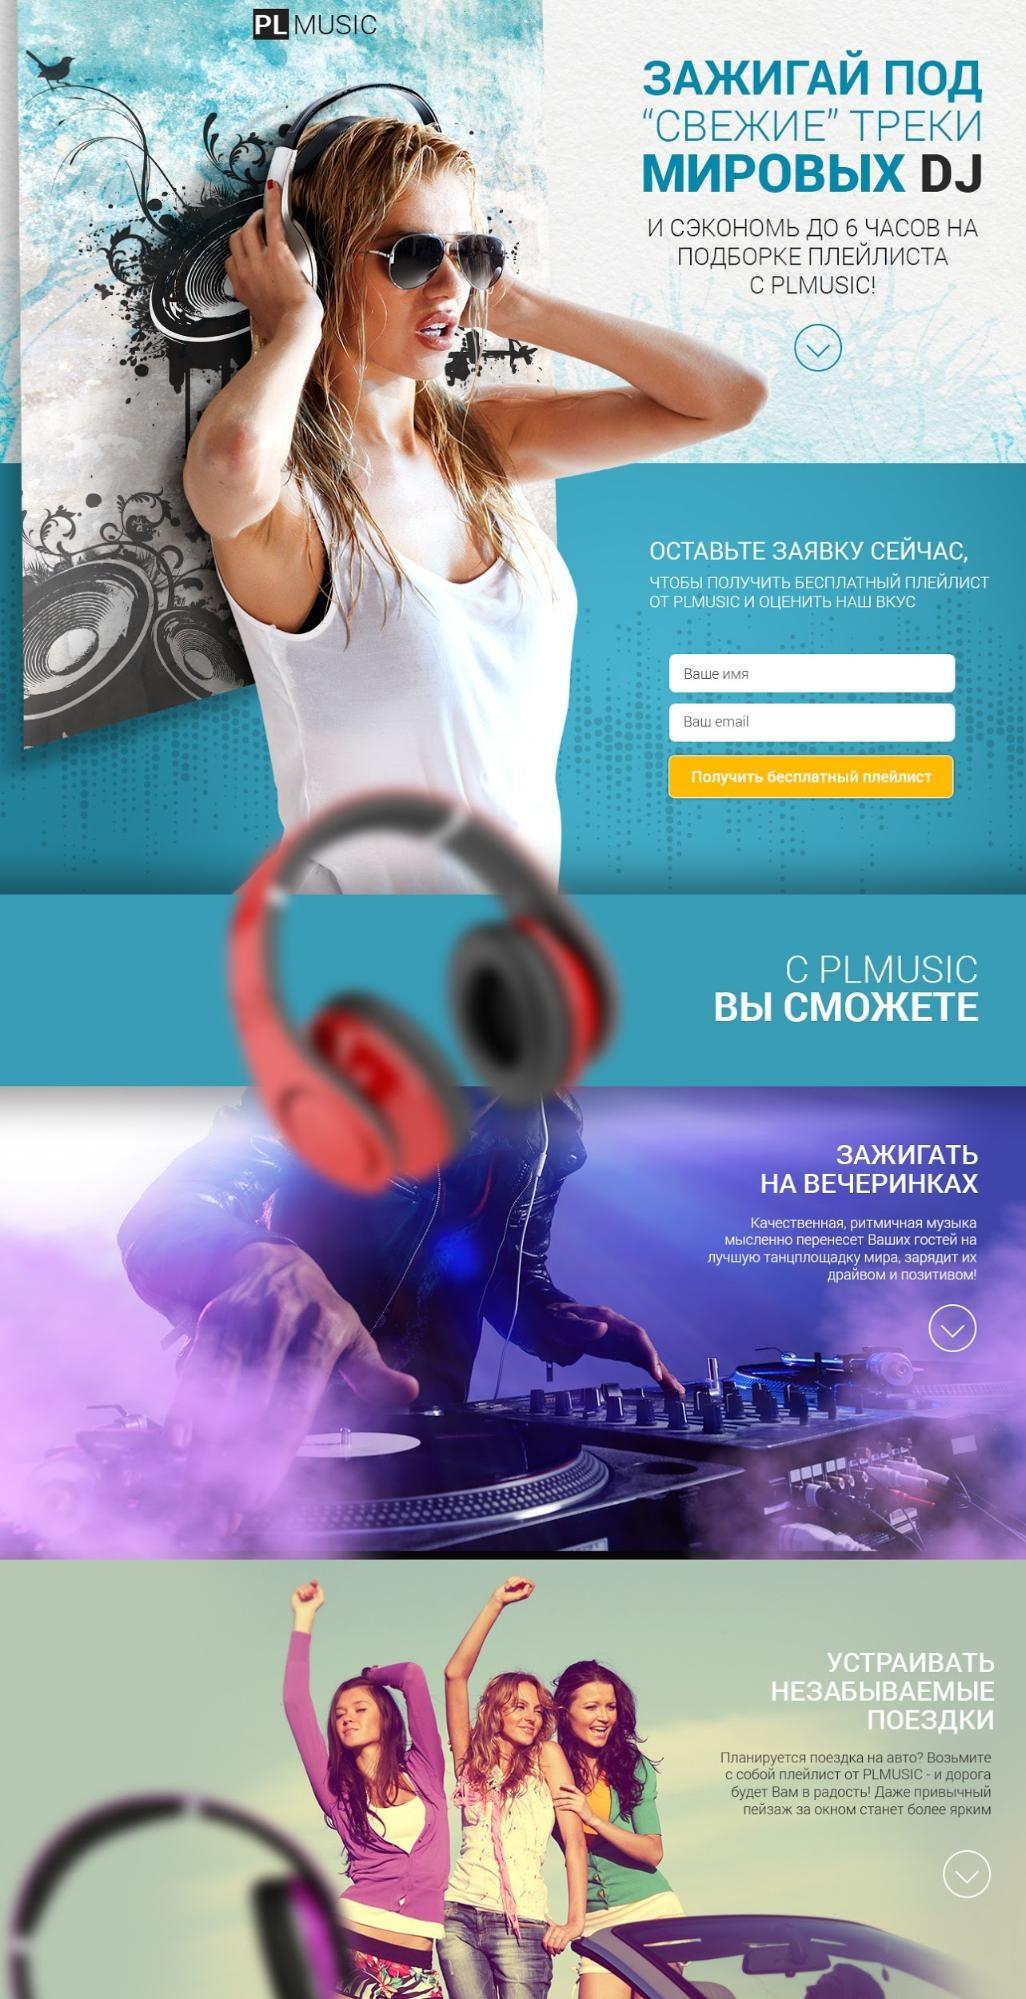 треки мировых DJ